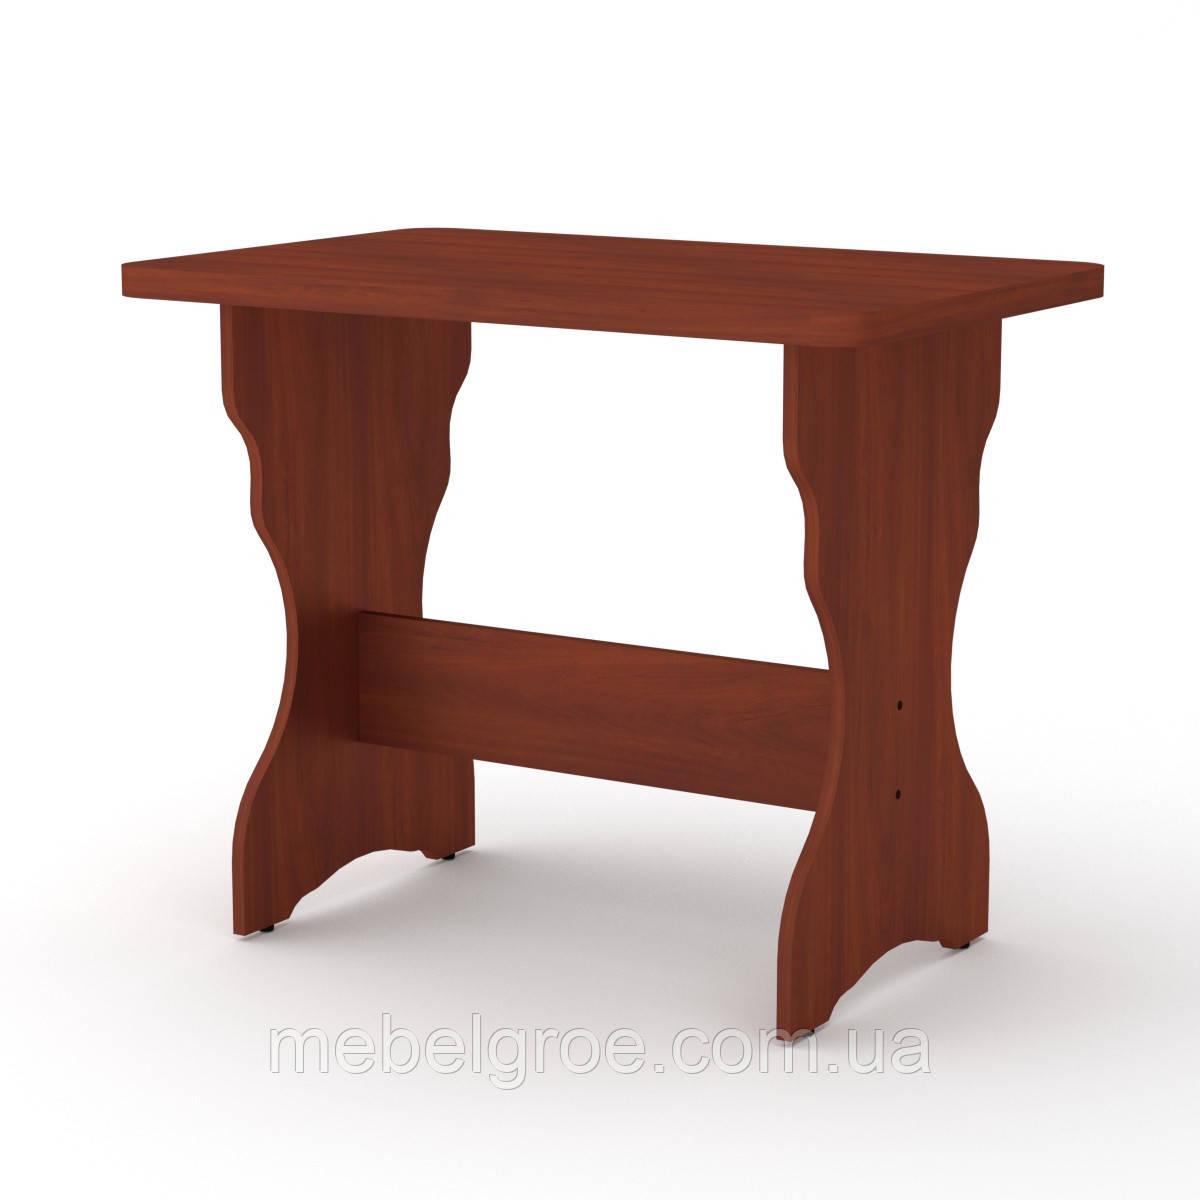 Стол кухонный КС 2 тм Компанит